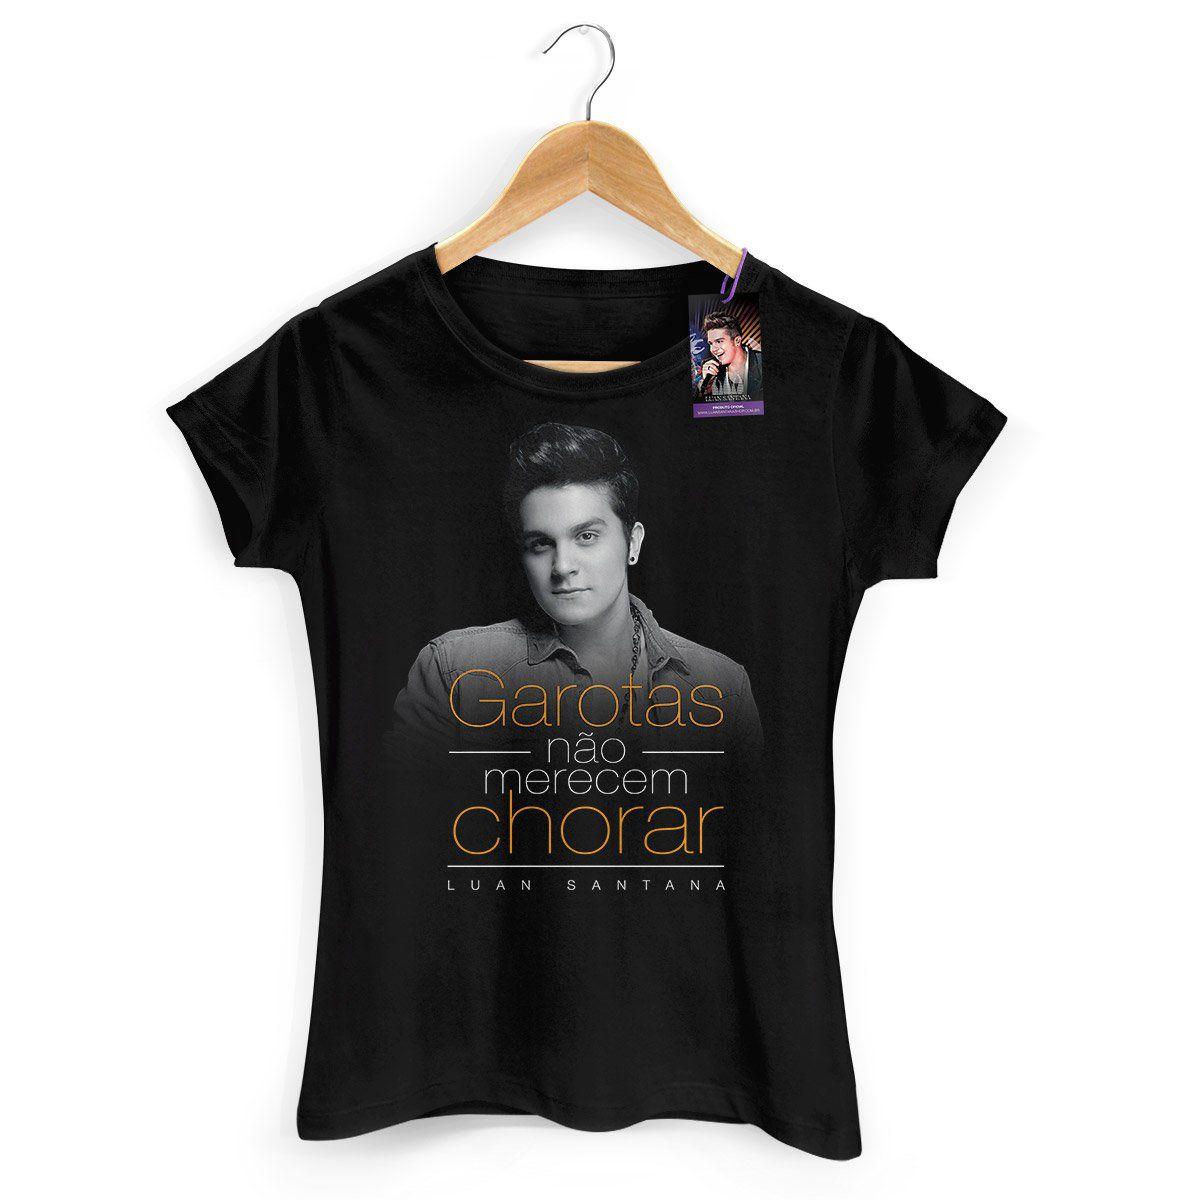 Camiseta Feminina Luan Santana Garotas Não Merecem Chorar  - bandUP Store Marketplace